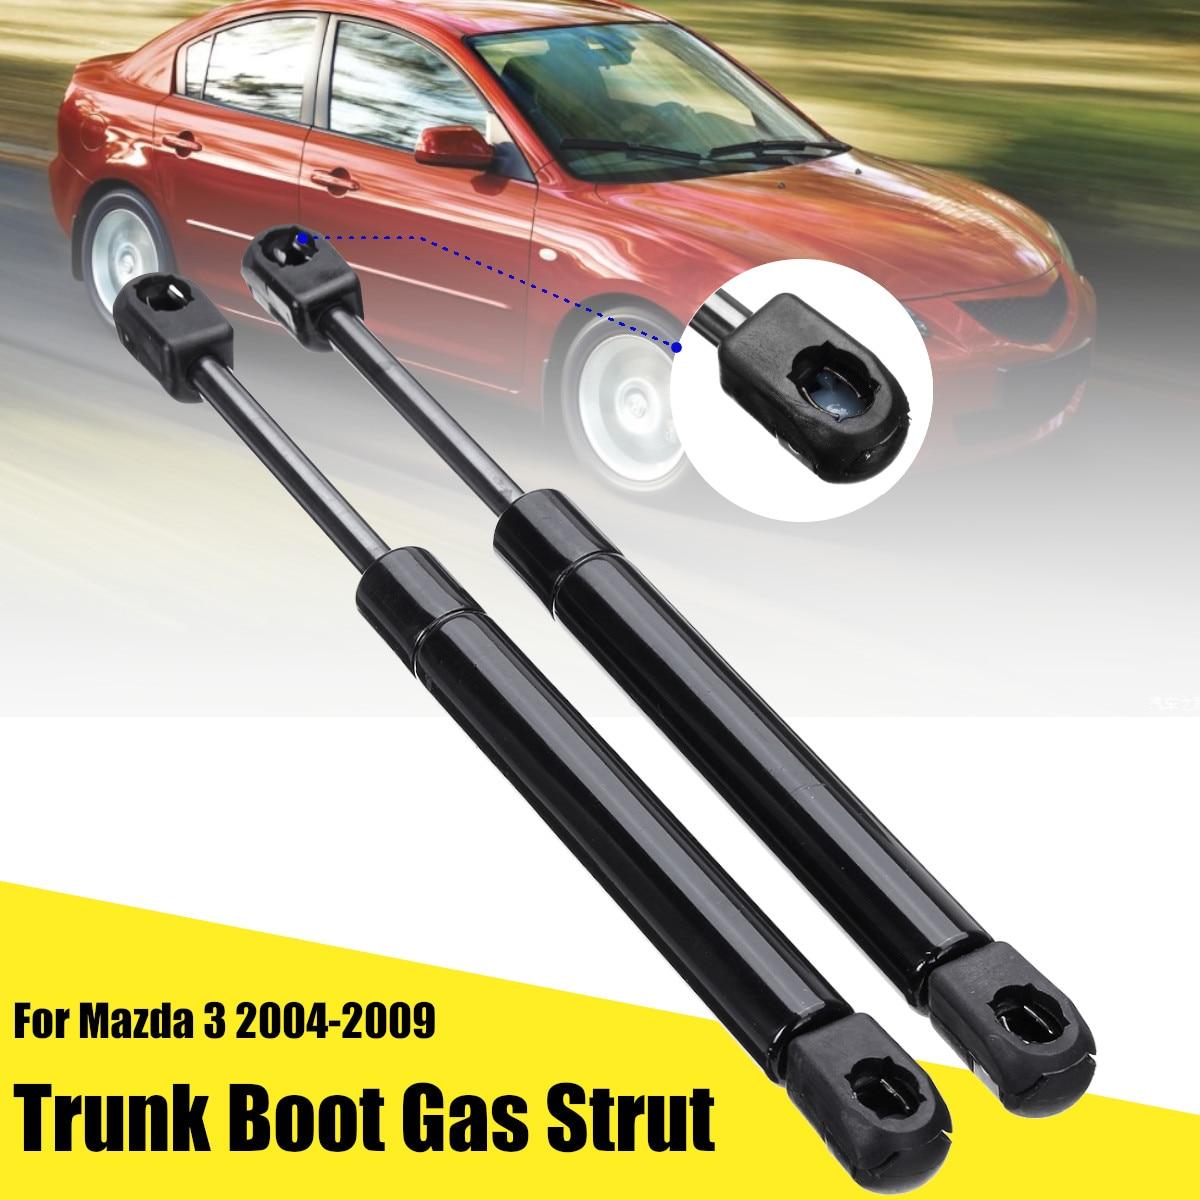 2 шт. Автомобильный багажник багажника загрузки газовая пружина стойки поддержки подъема для Mazda 3 2004-2009 BN8W56930 BN8V56930 BN8W56930A